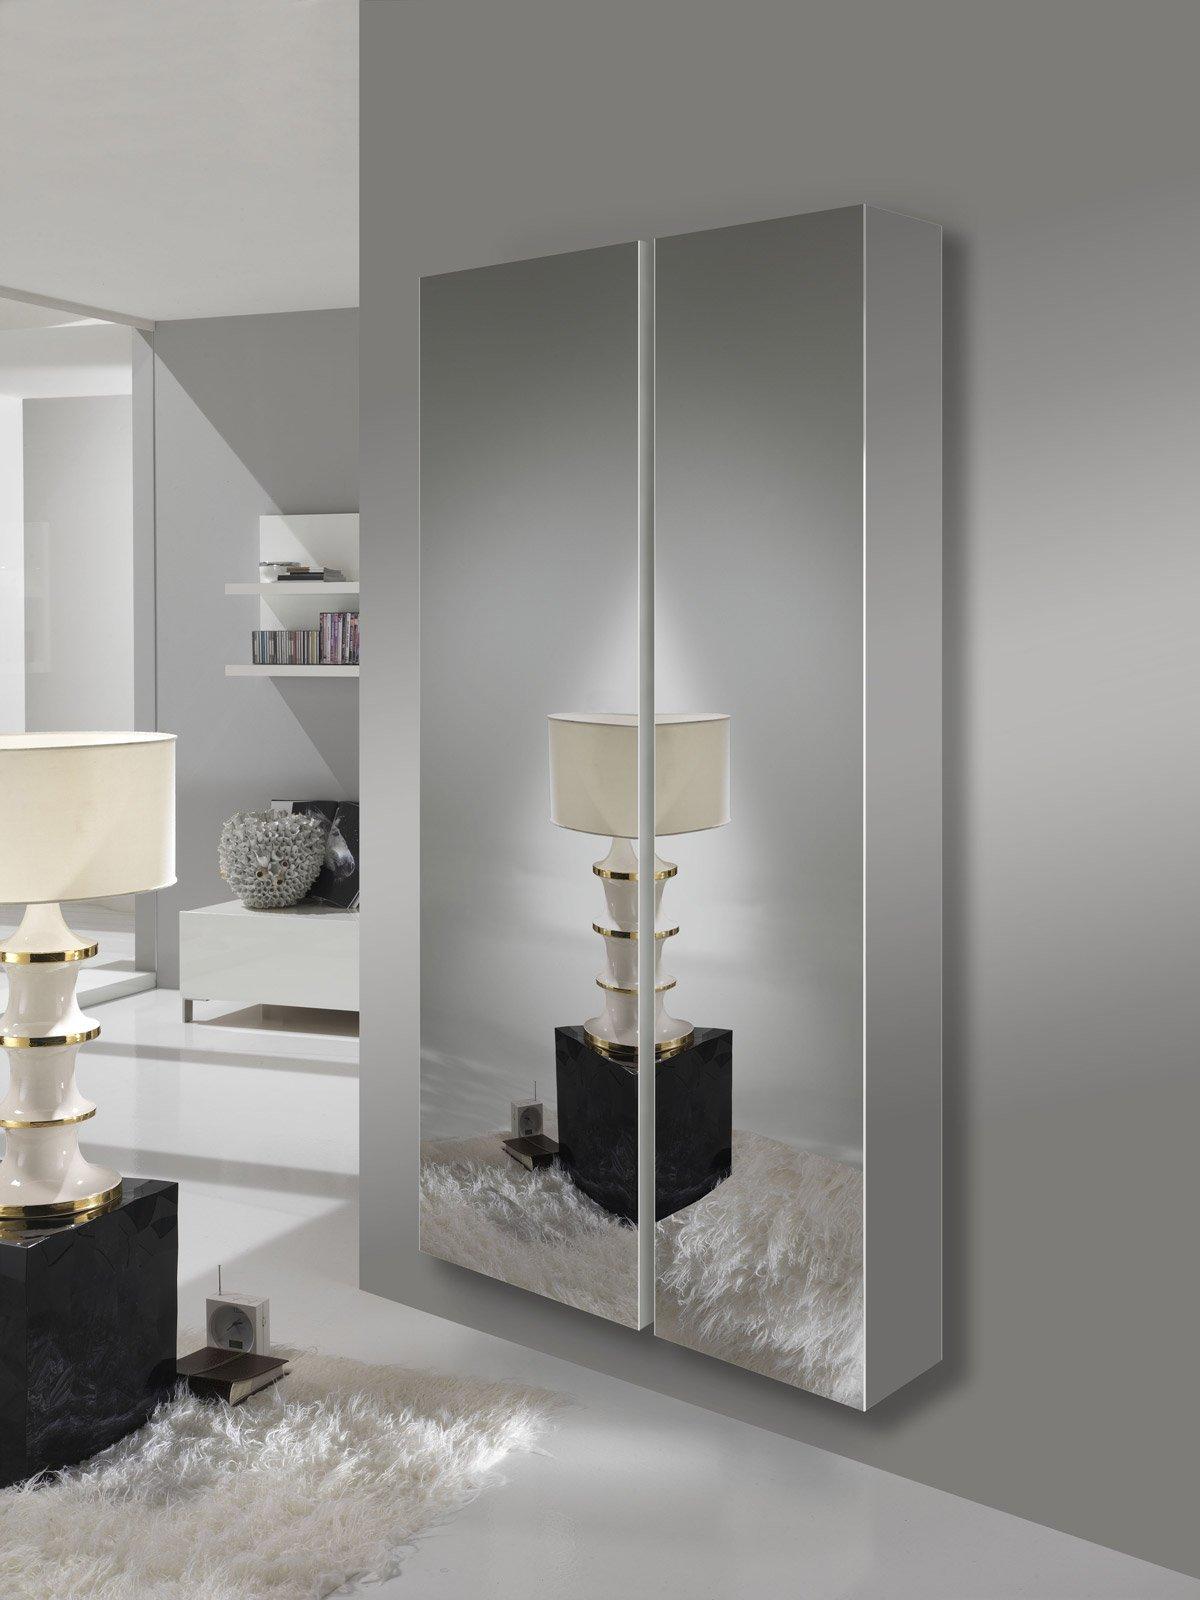 Isaloni 2015 armadi cabine cassettiere tutti da esibire - Armadio a specchio ikea ...